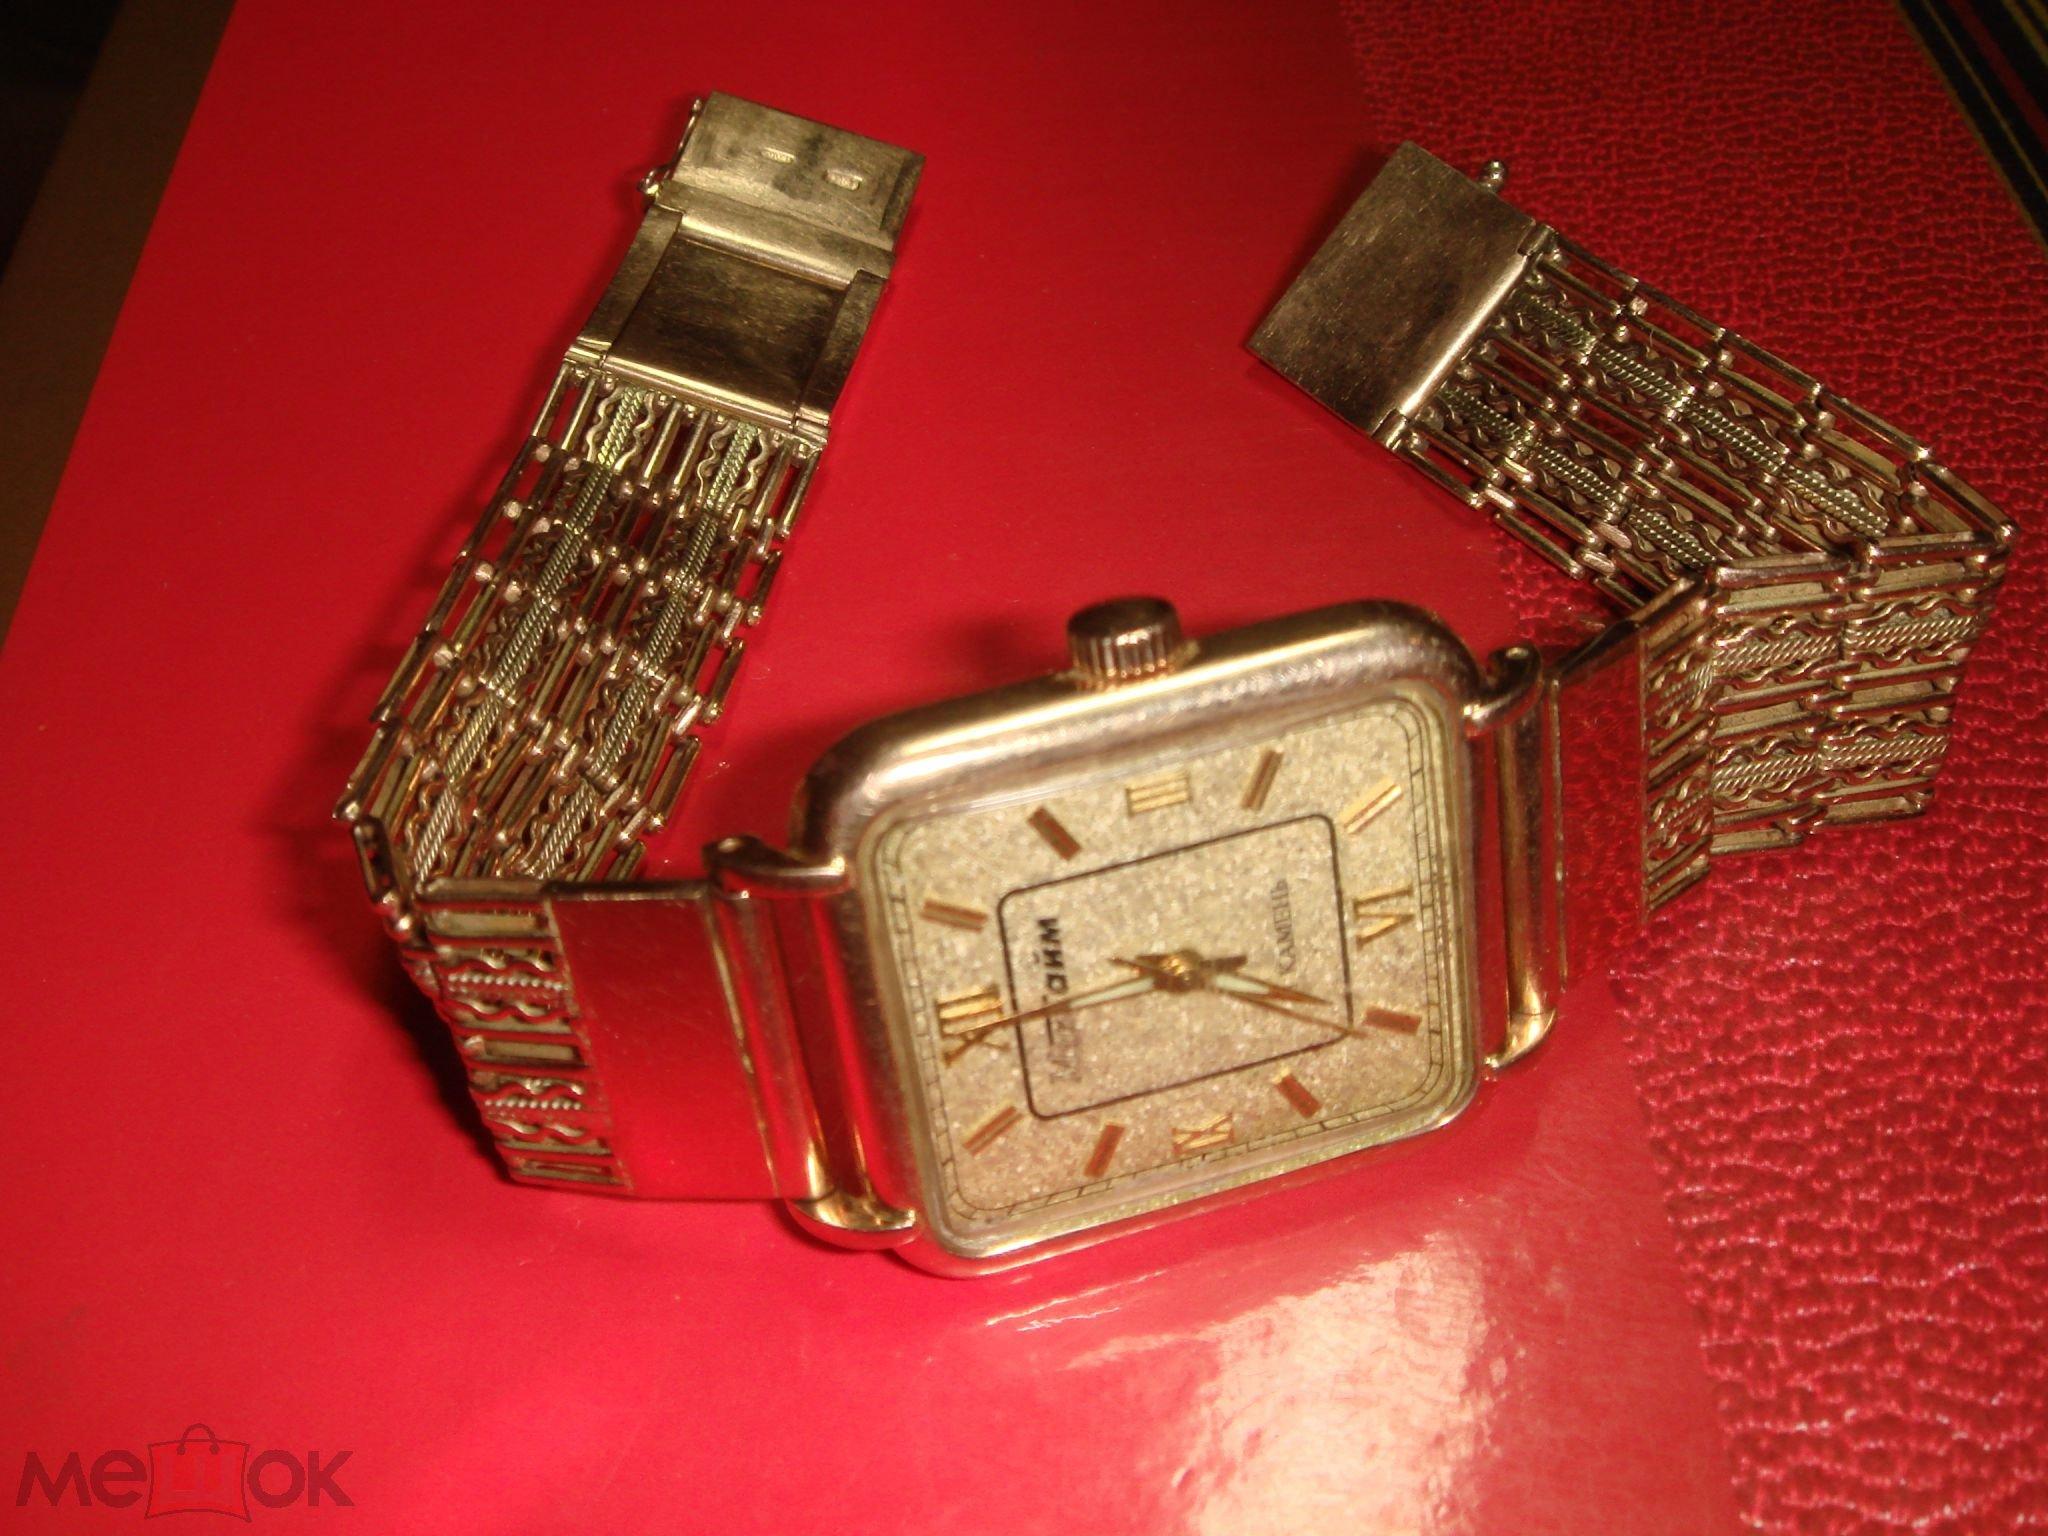 Сонник золотые часы к чему снятся золотые часы во сне по соннику?